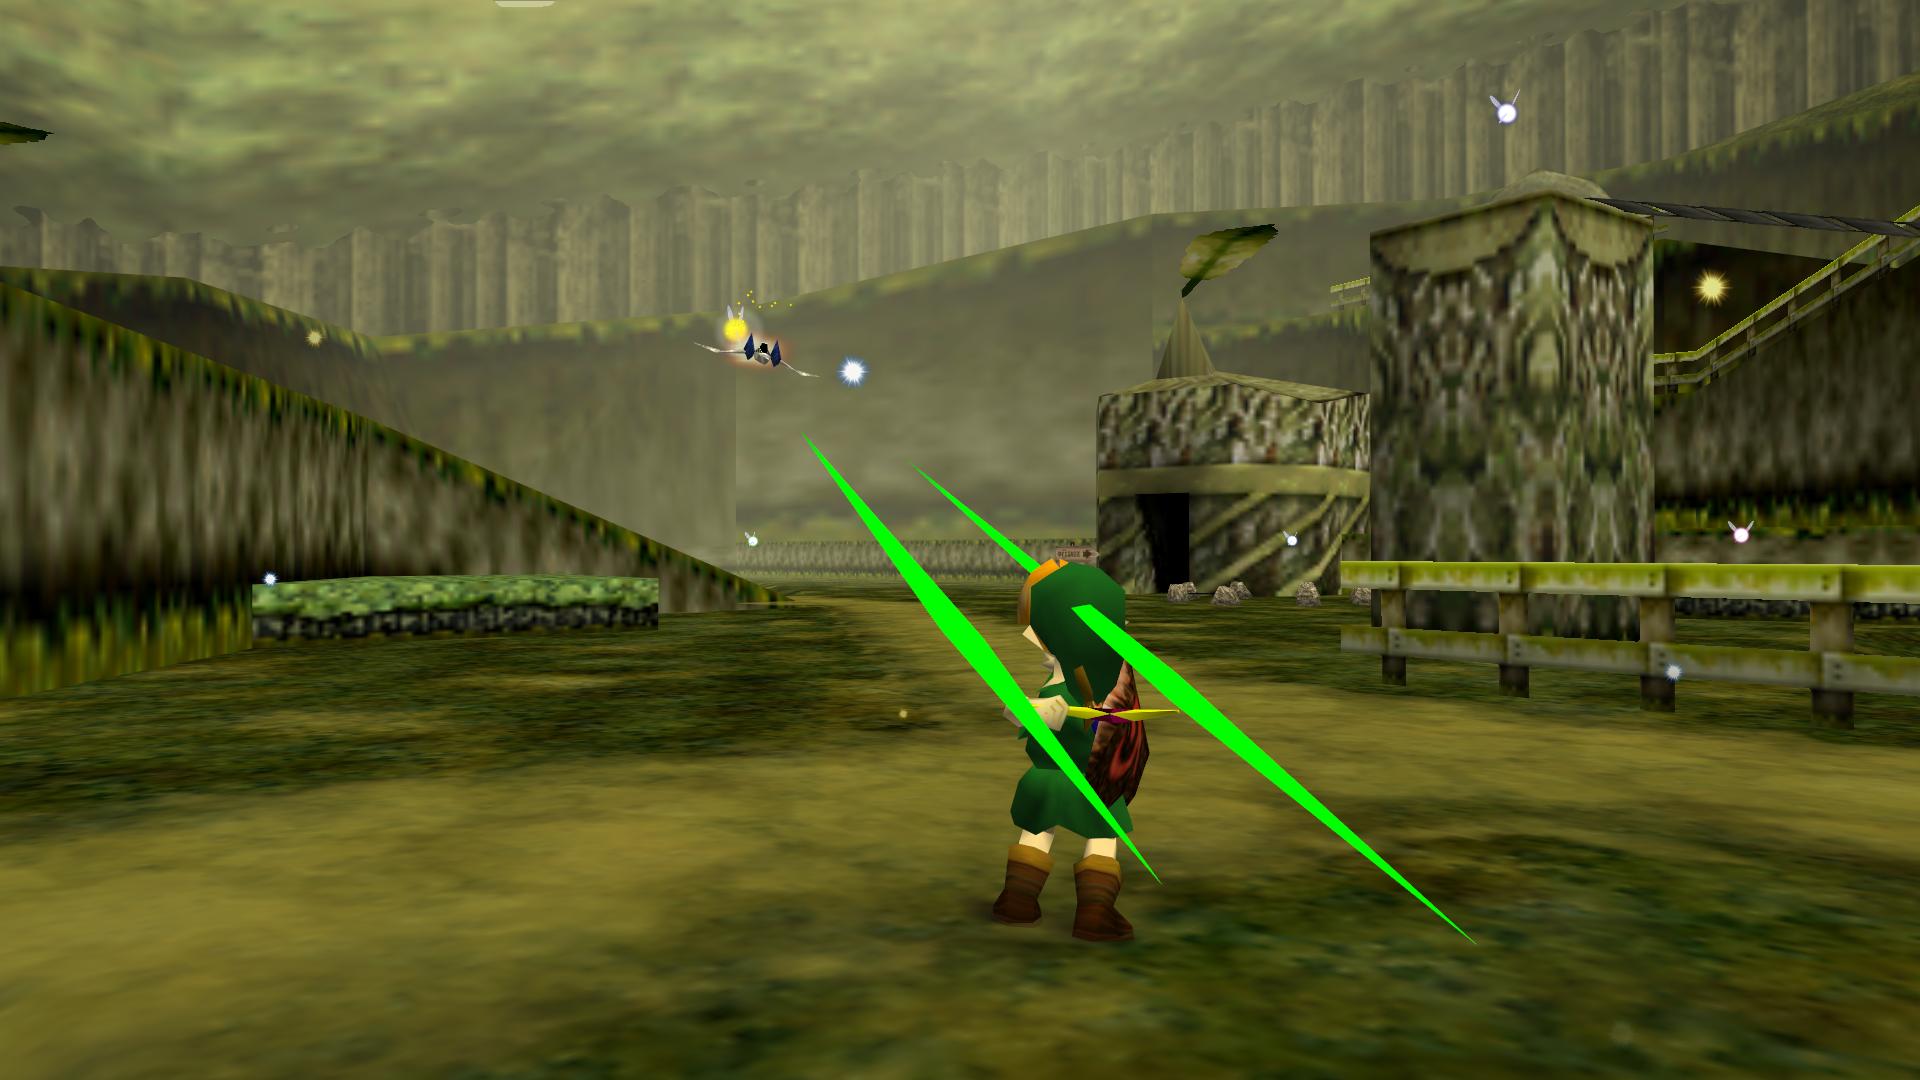 Zelda Hack rom 64